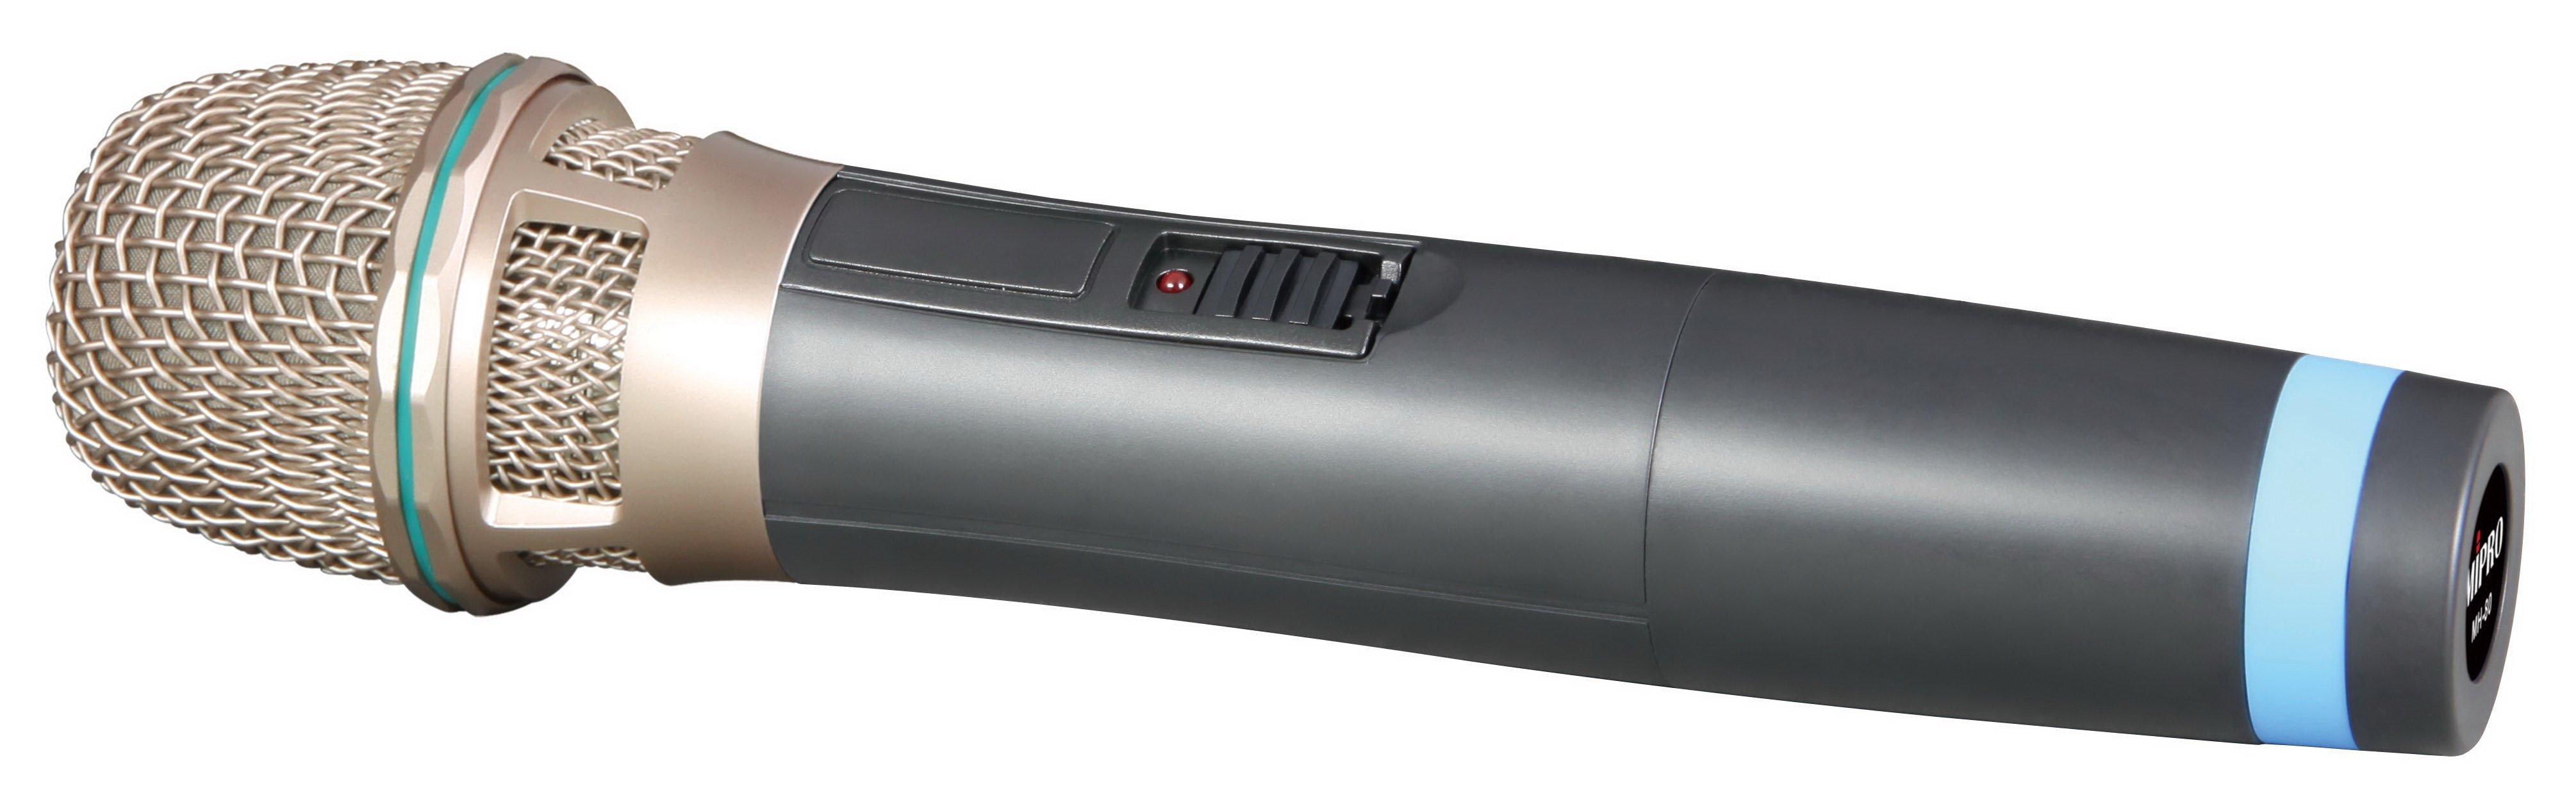 Mipro Håndmikrofon sender frekv. 825.300